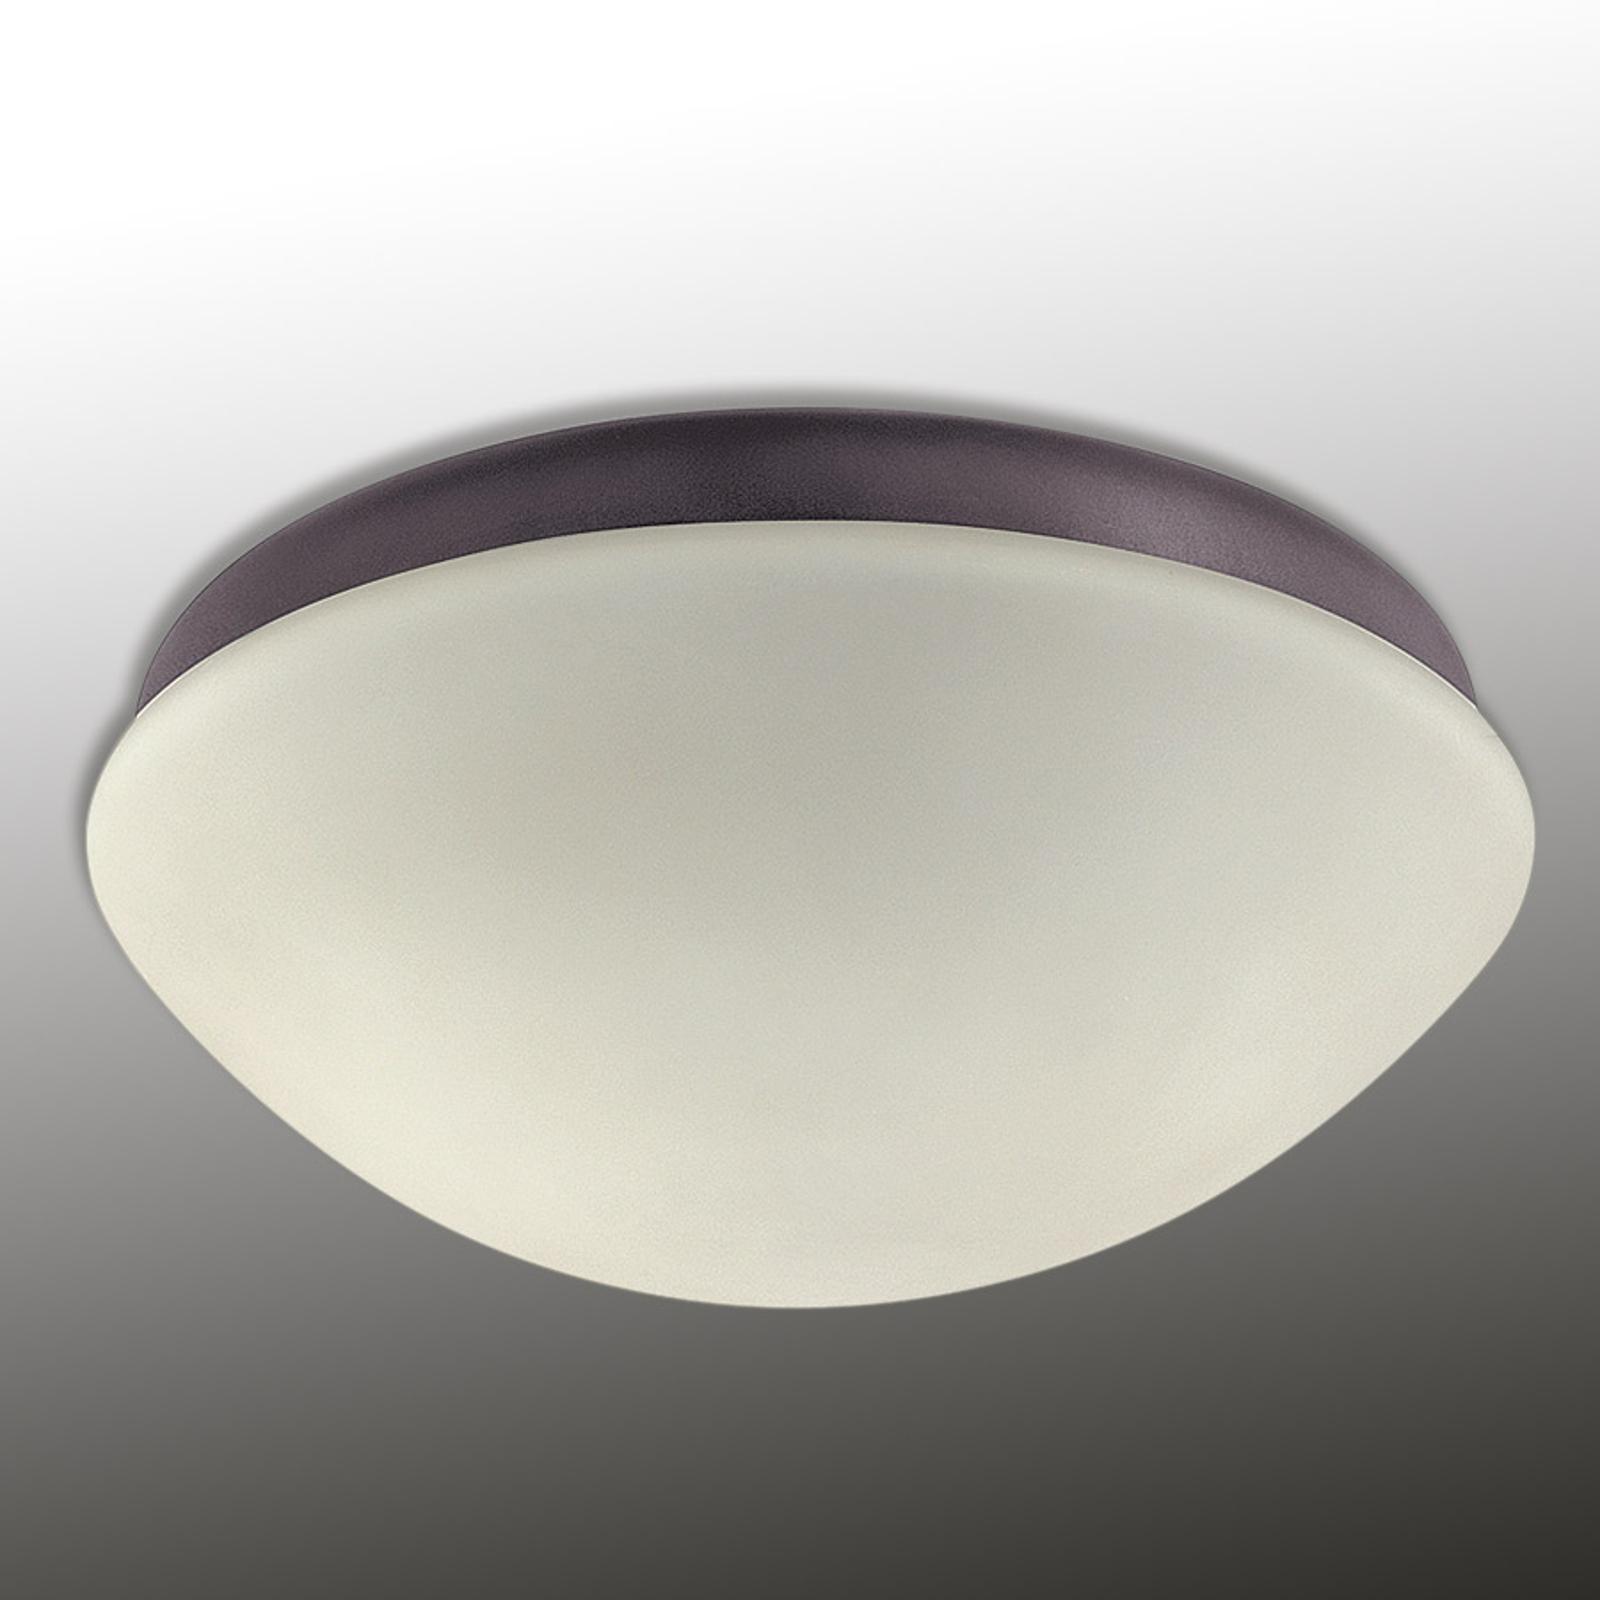 Lampa till takfläkt Outdoor Elements, vit